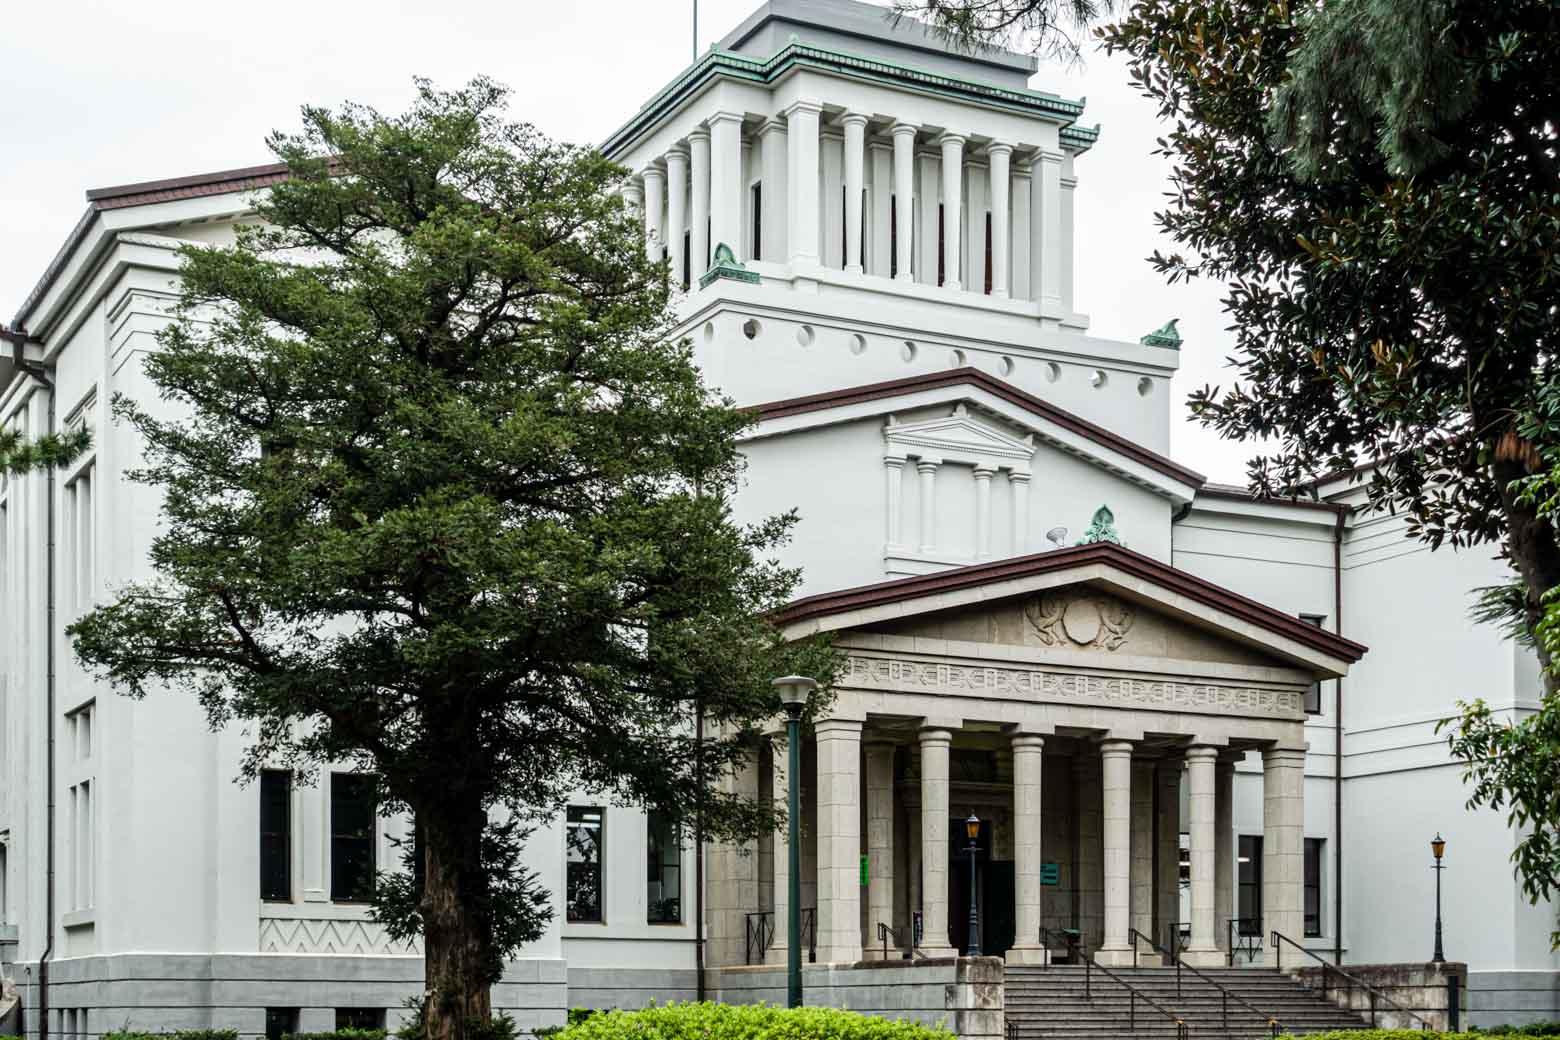 横浜市指定有形文化財「大倉山記念館」のある、大倉山公園